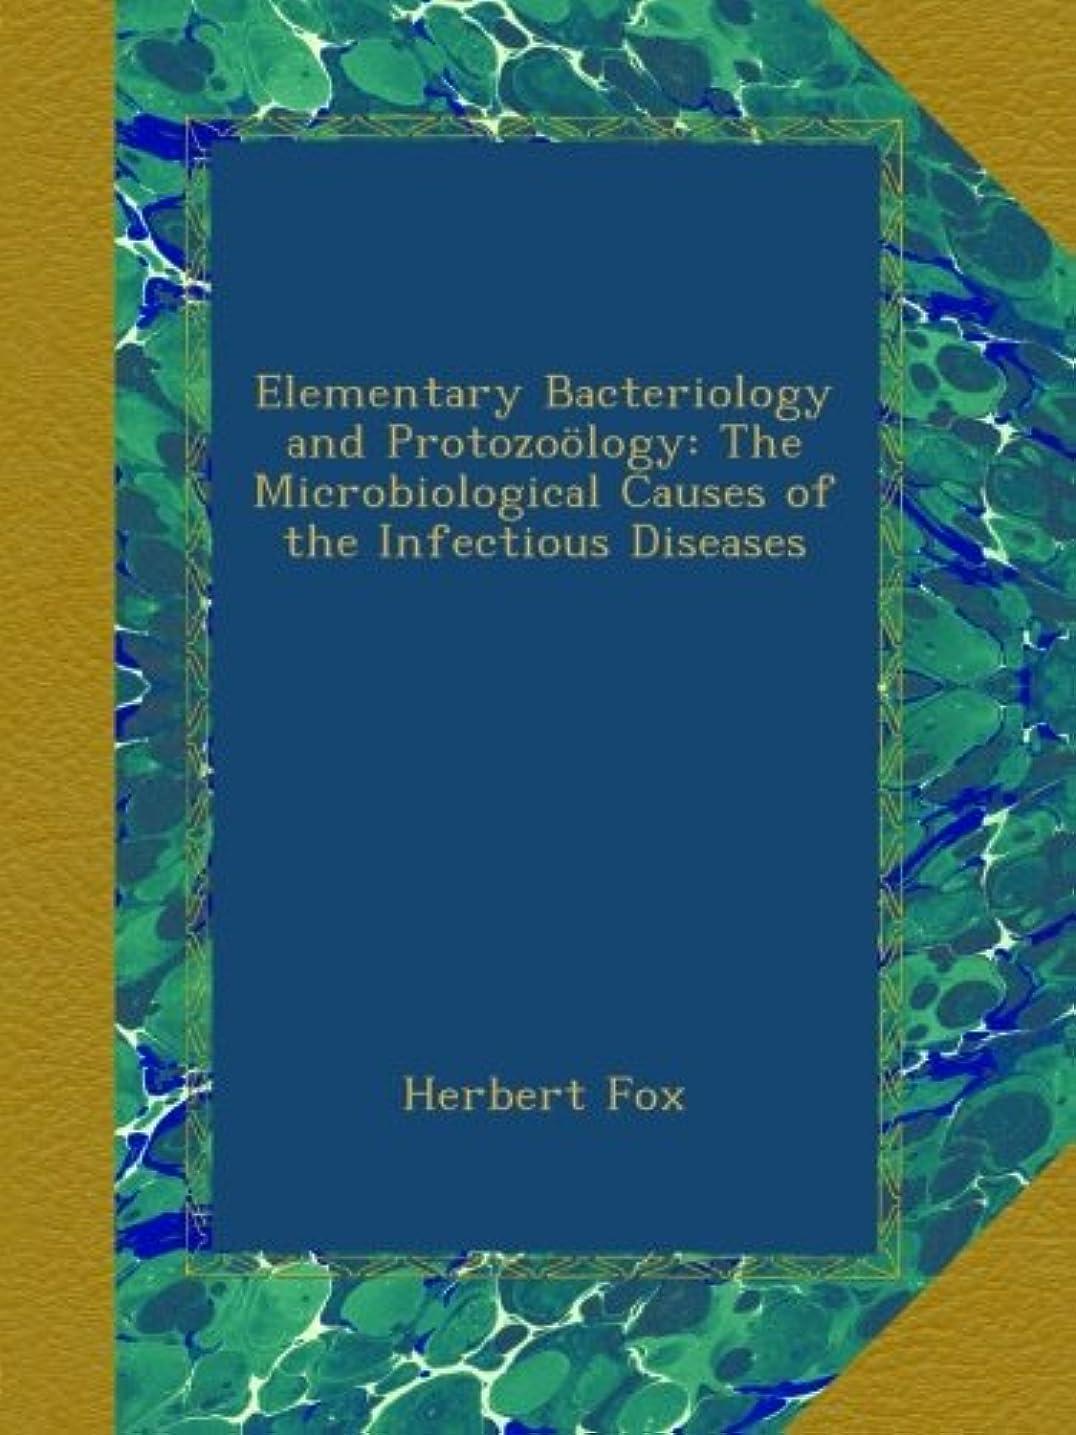 松明荒れ地リスElementary Bacteriology and Protozooelogy: The Microbiological Causes of the Infectious Diseases